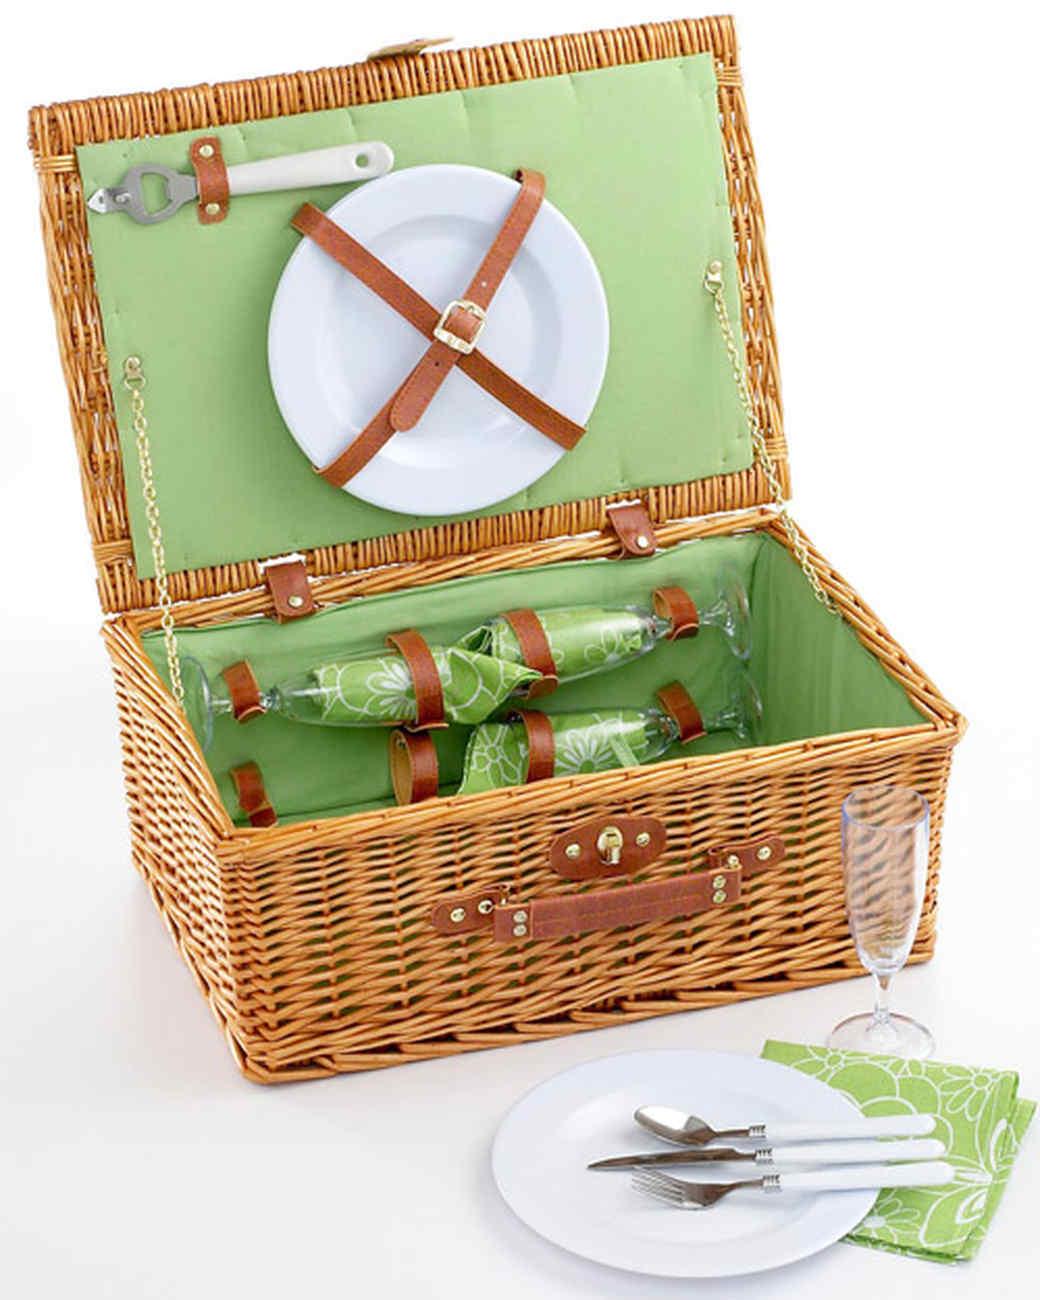 grilling_picnic_basket.jpg